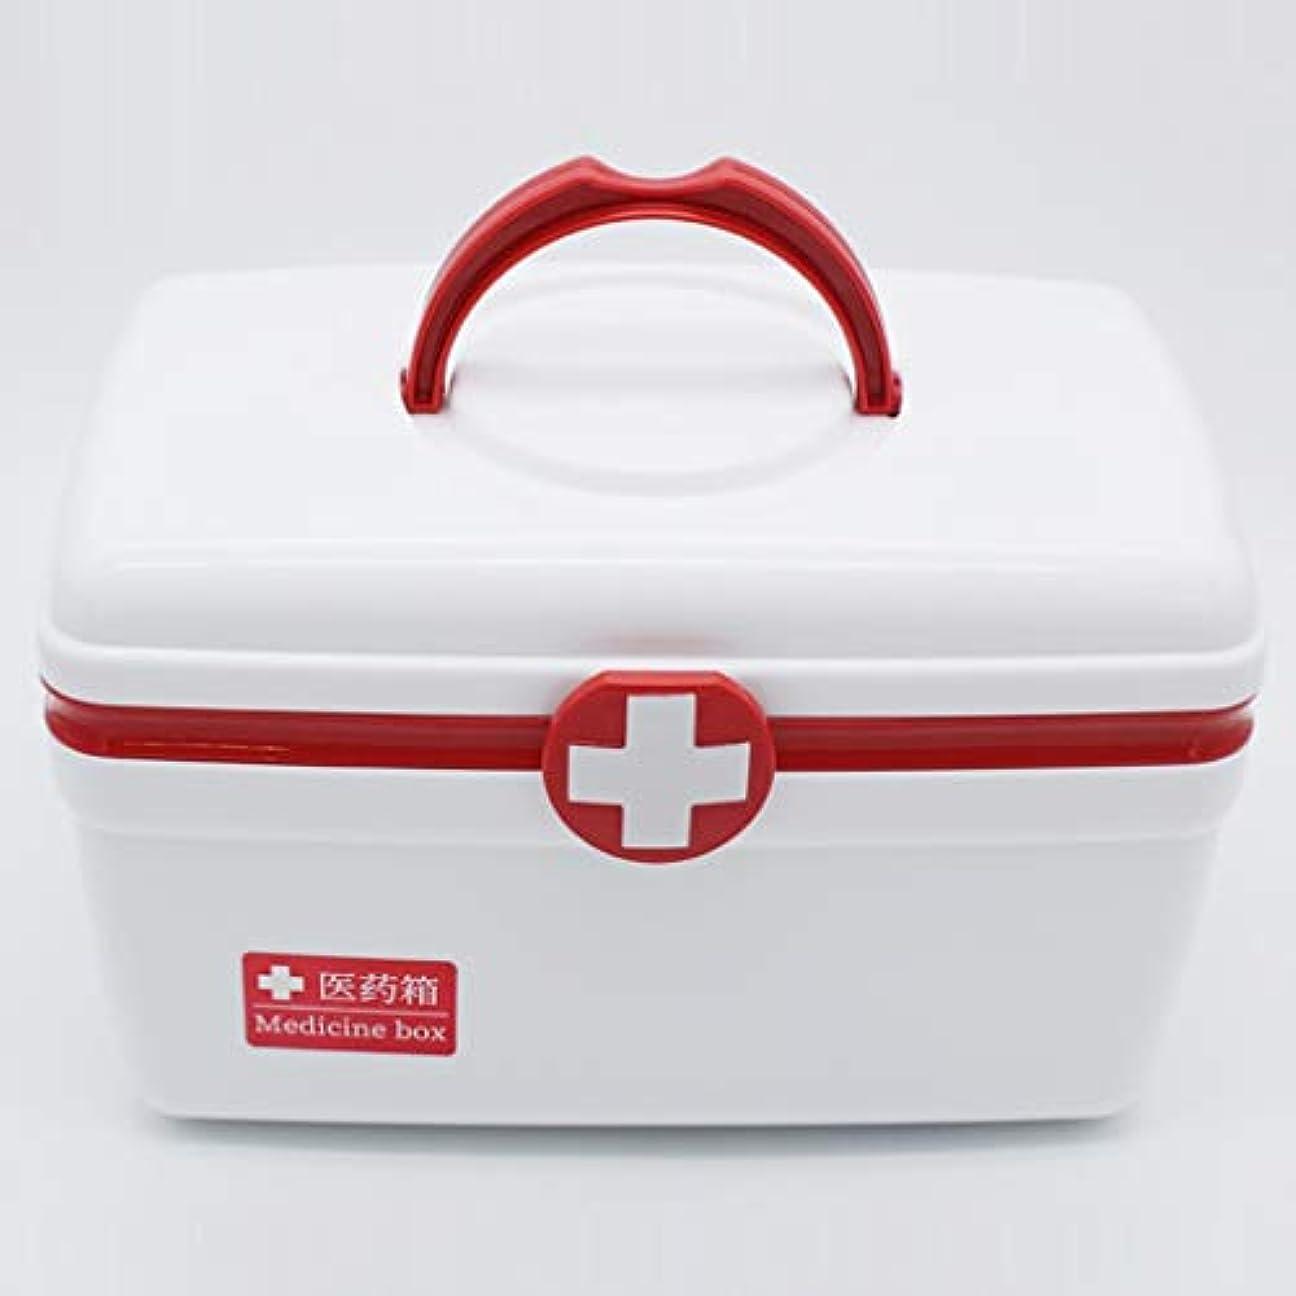 スペース葡萄交じるYxsd 小さい応急処置の医学の貯蔵のオルガナイザー箱、ふたが付いている二重プラスチック収納箱 (Color : Red)